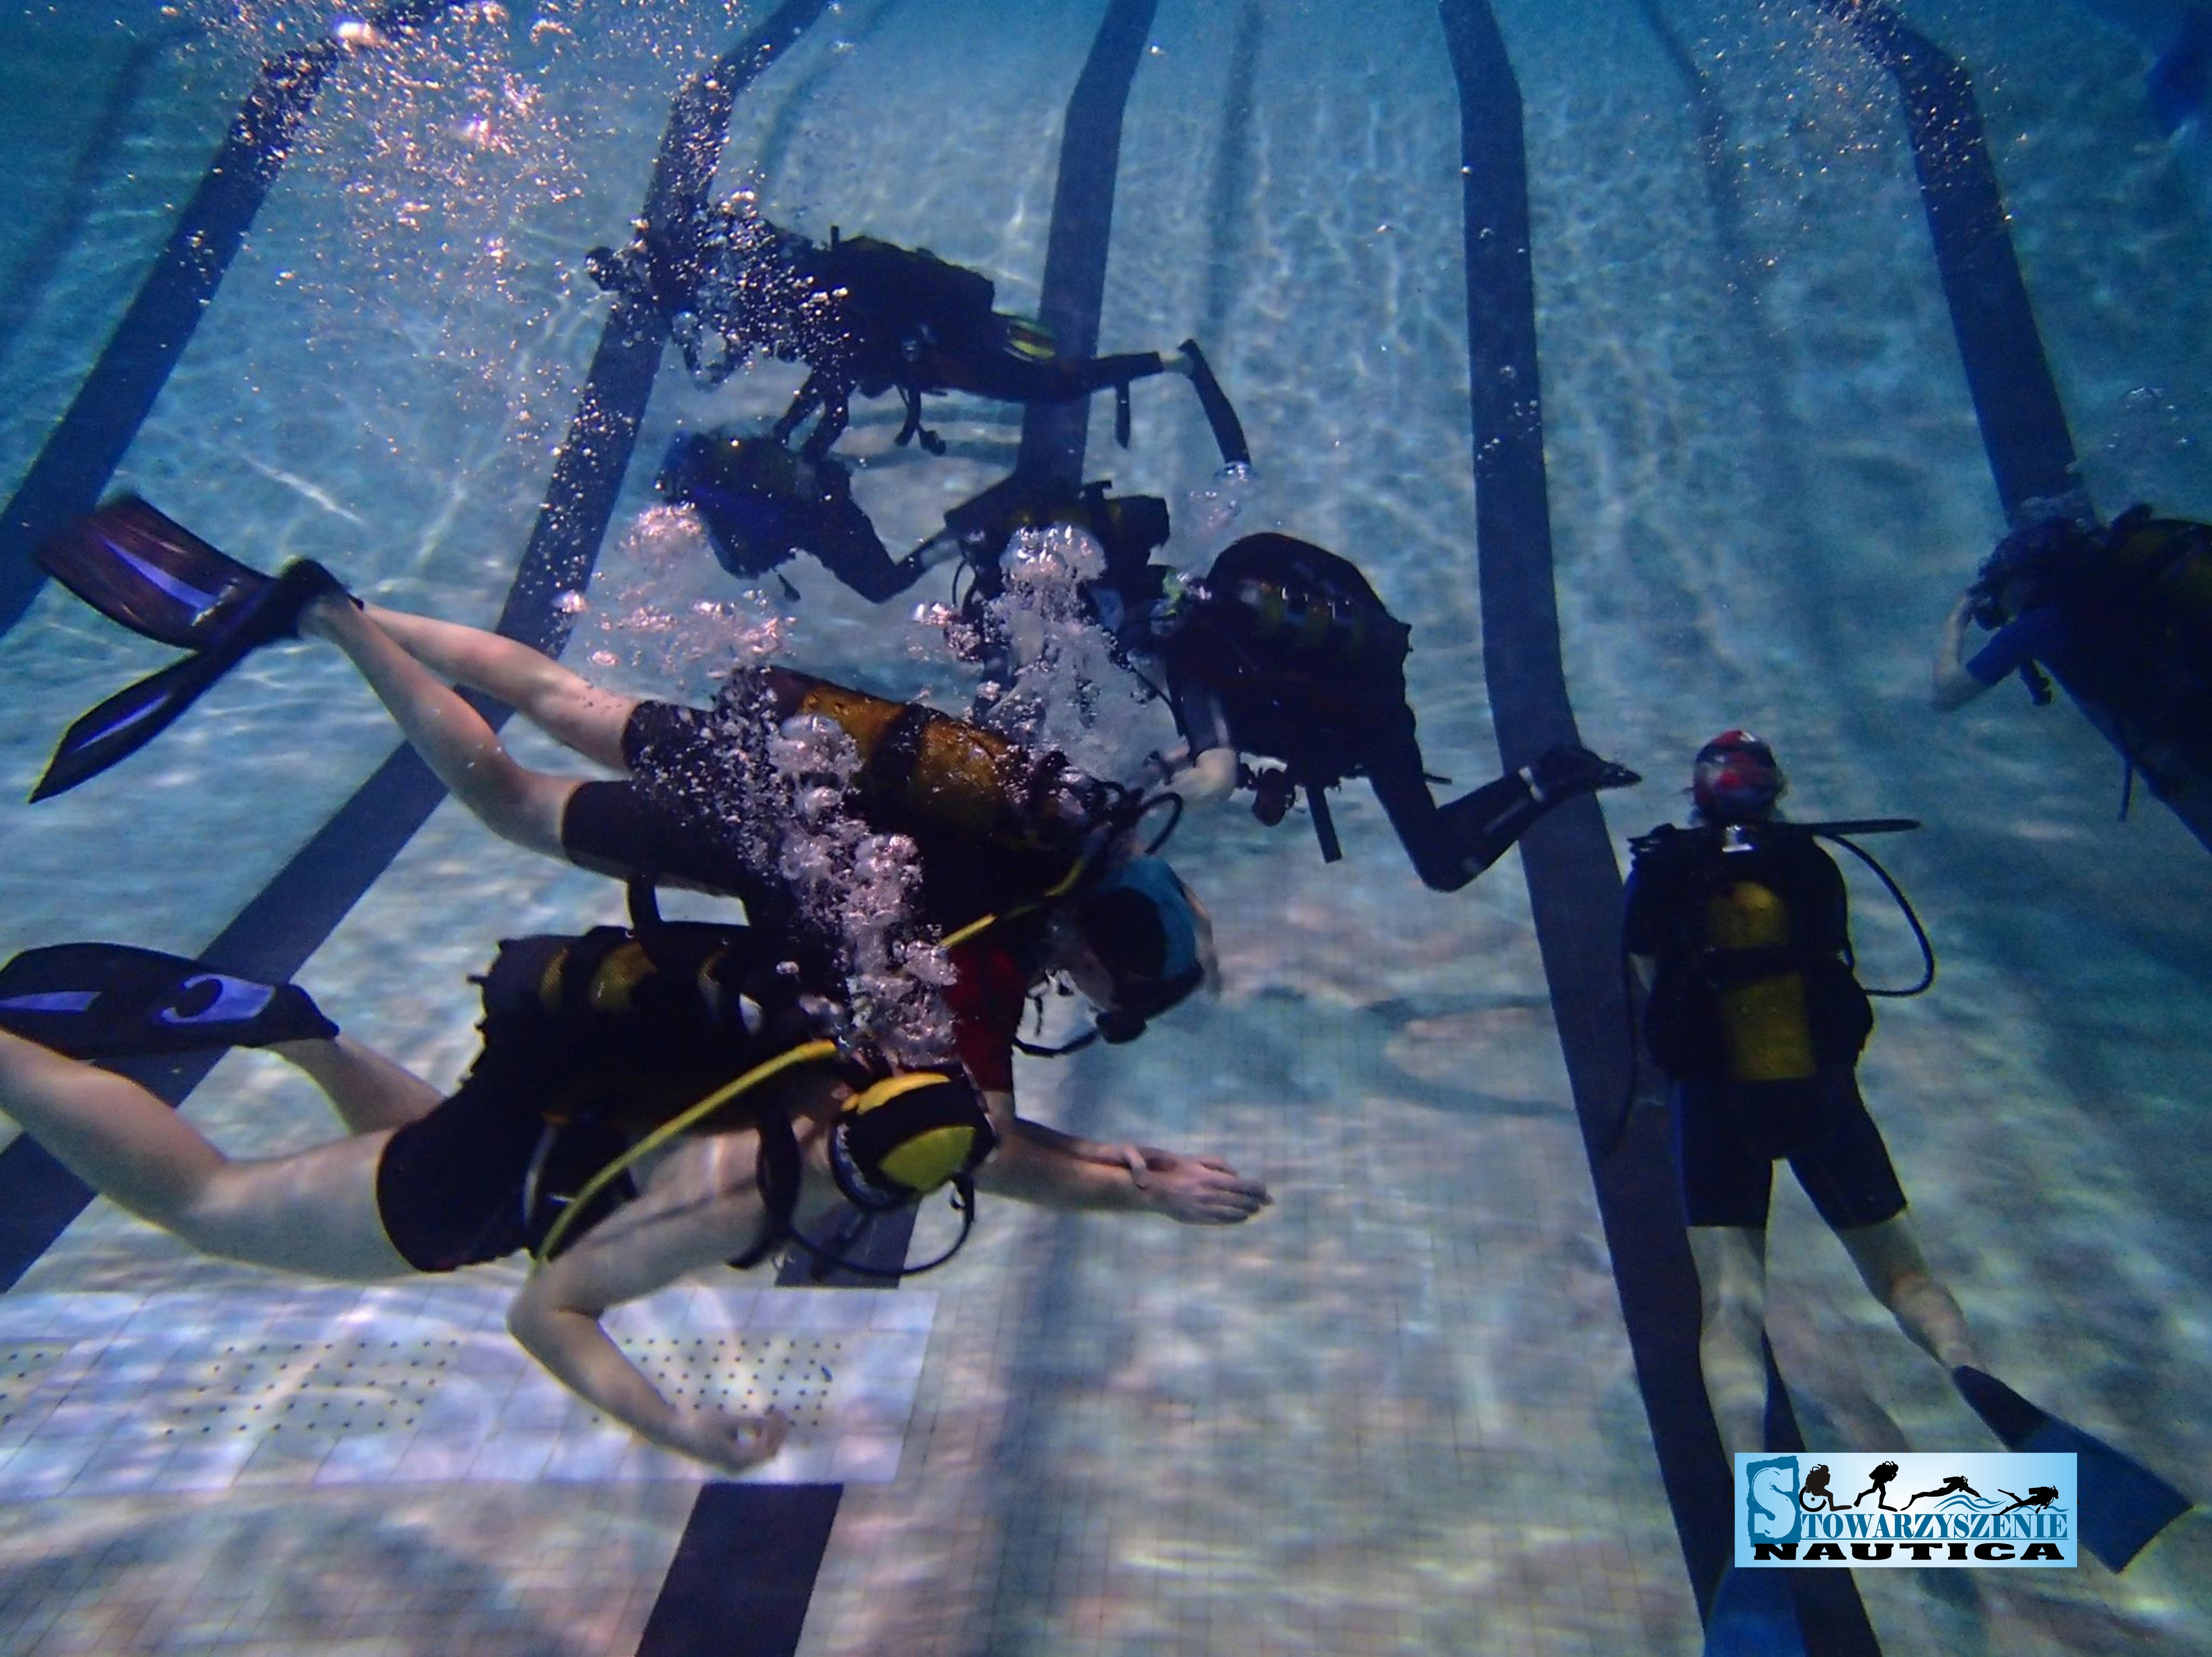 zdjęcie z zajęć kursowych na basenie widać na nich kilku nurków pływających na dnie basenu, na pierwszym planie niewidomy kursant (widoczny kontakt dotykowy).